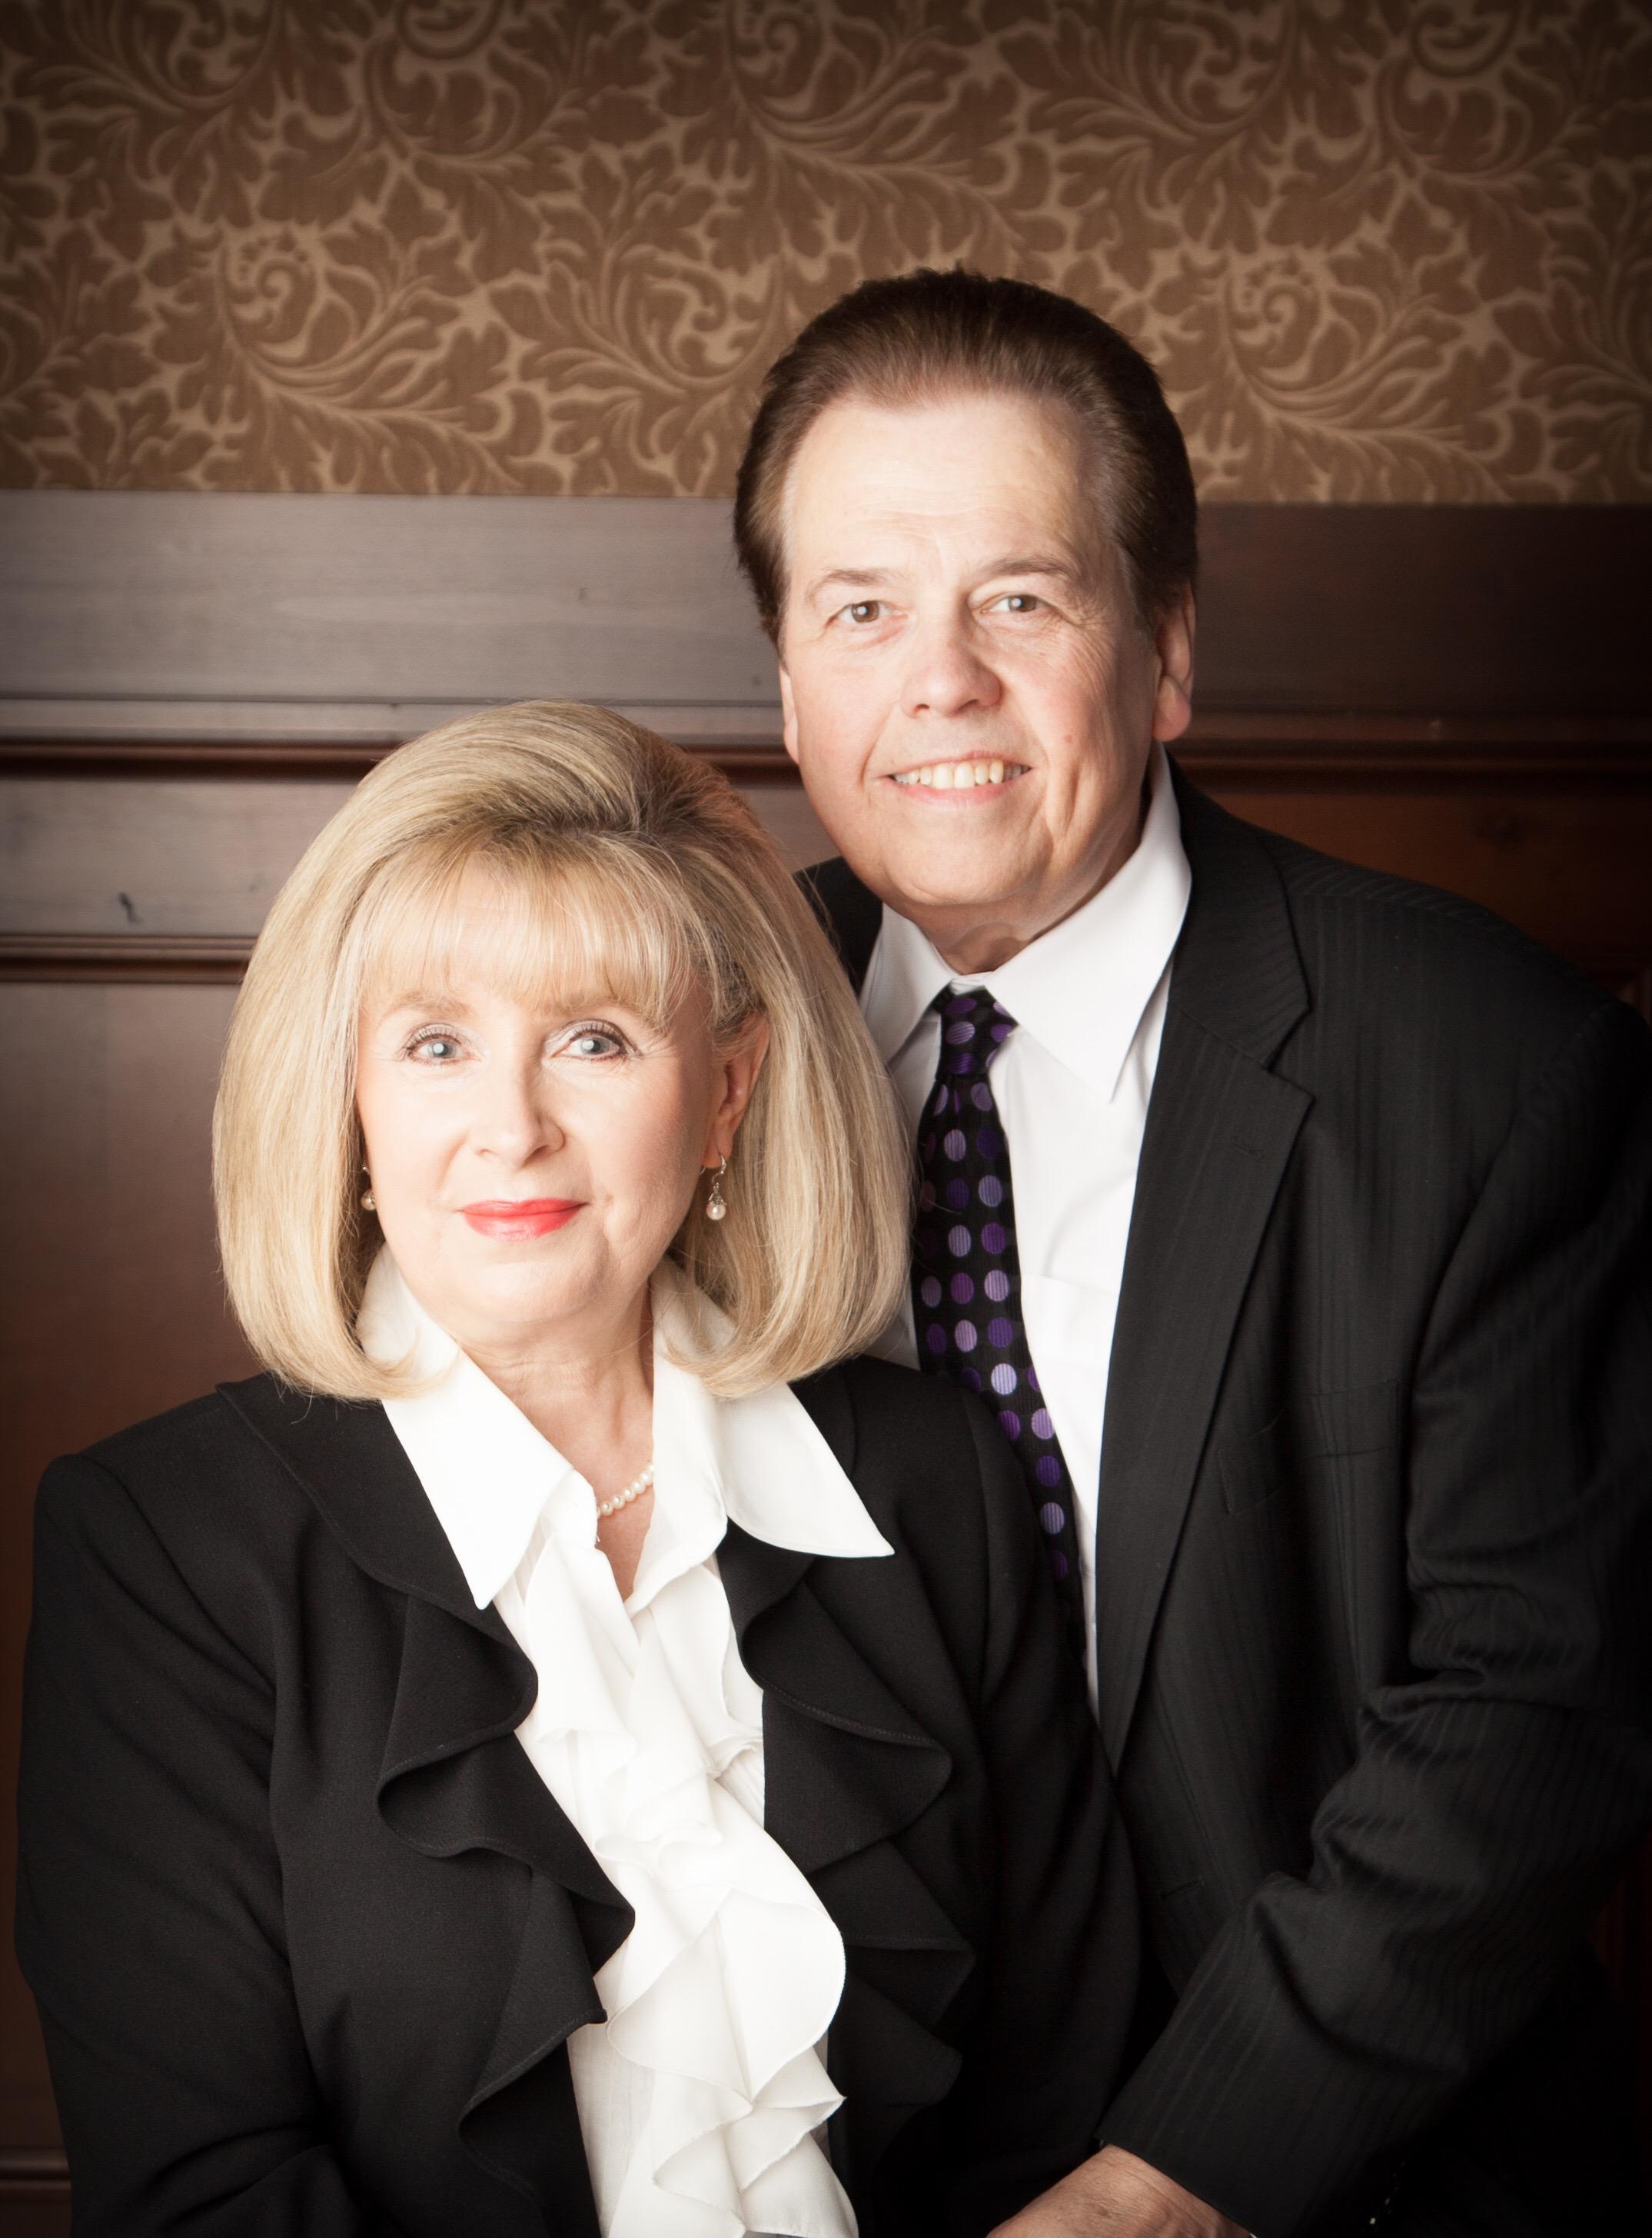 Alan & Suzanne Portrait #1